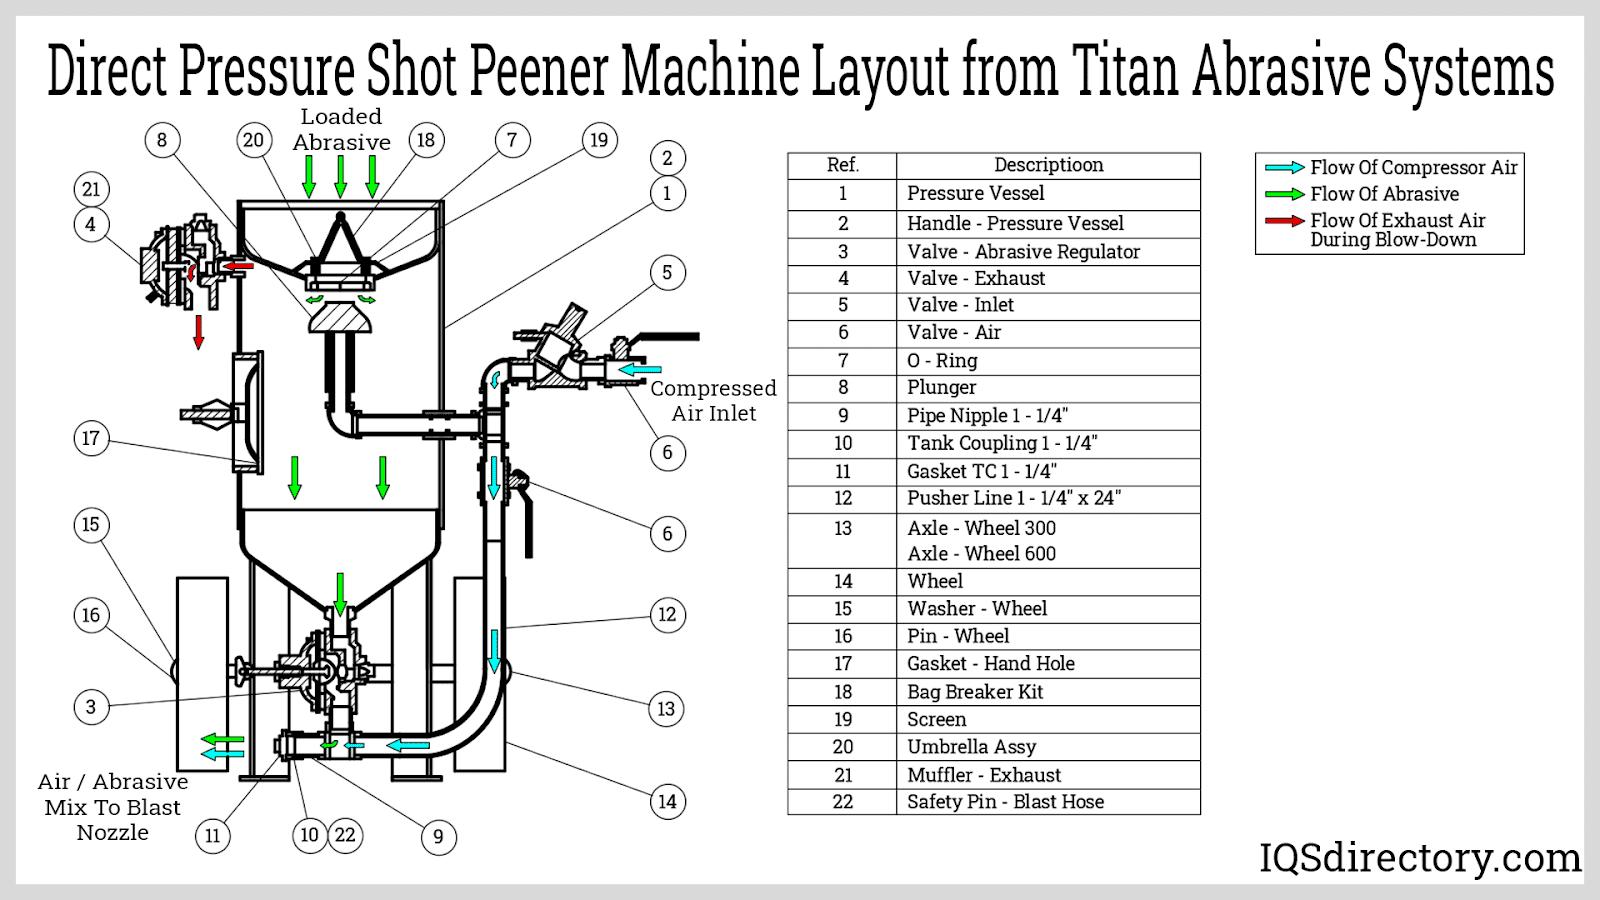 Direct Pressure Shot Peener Machine Layout